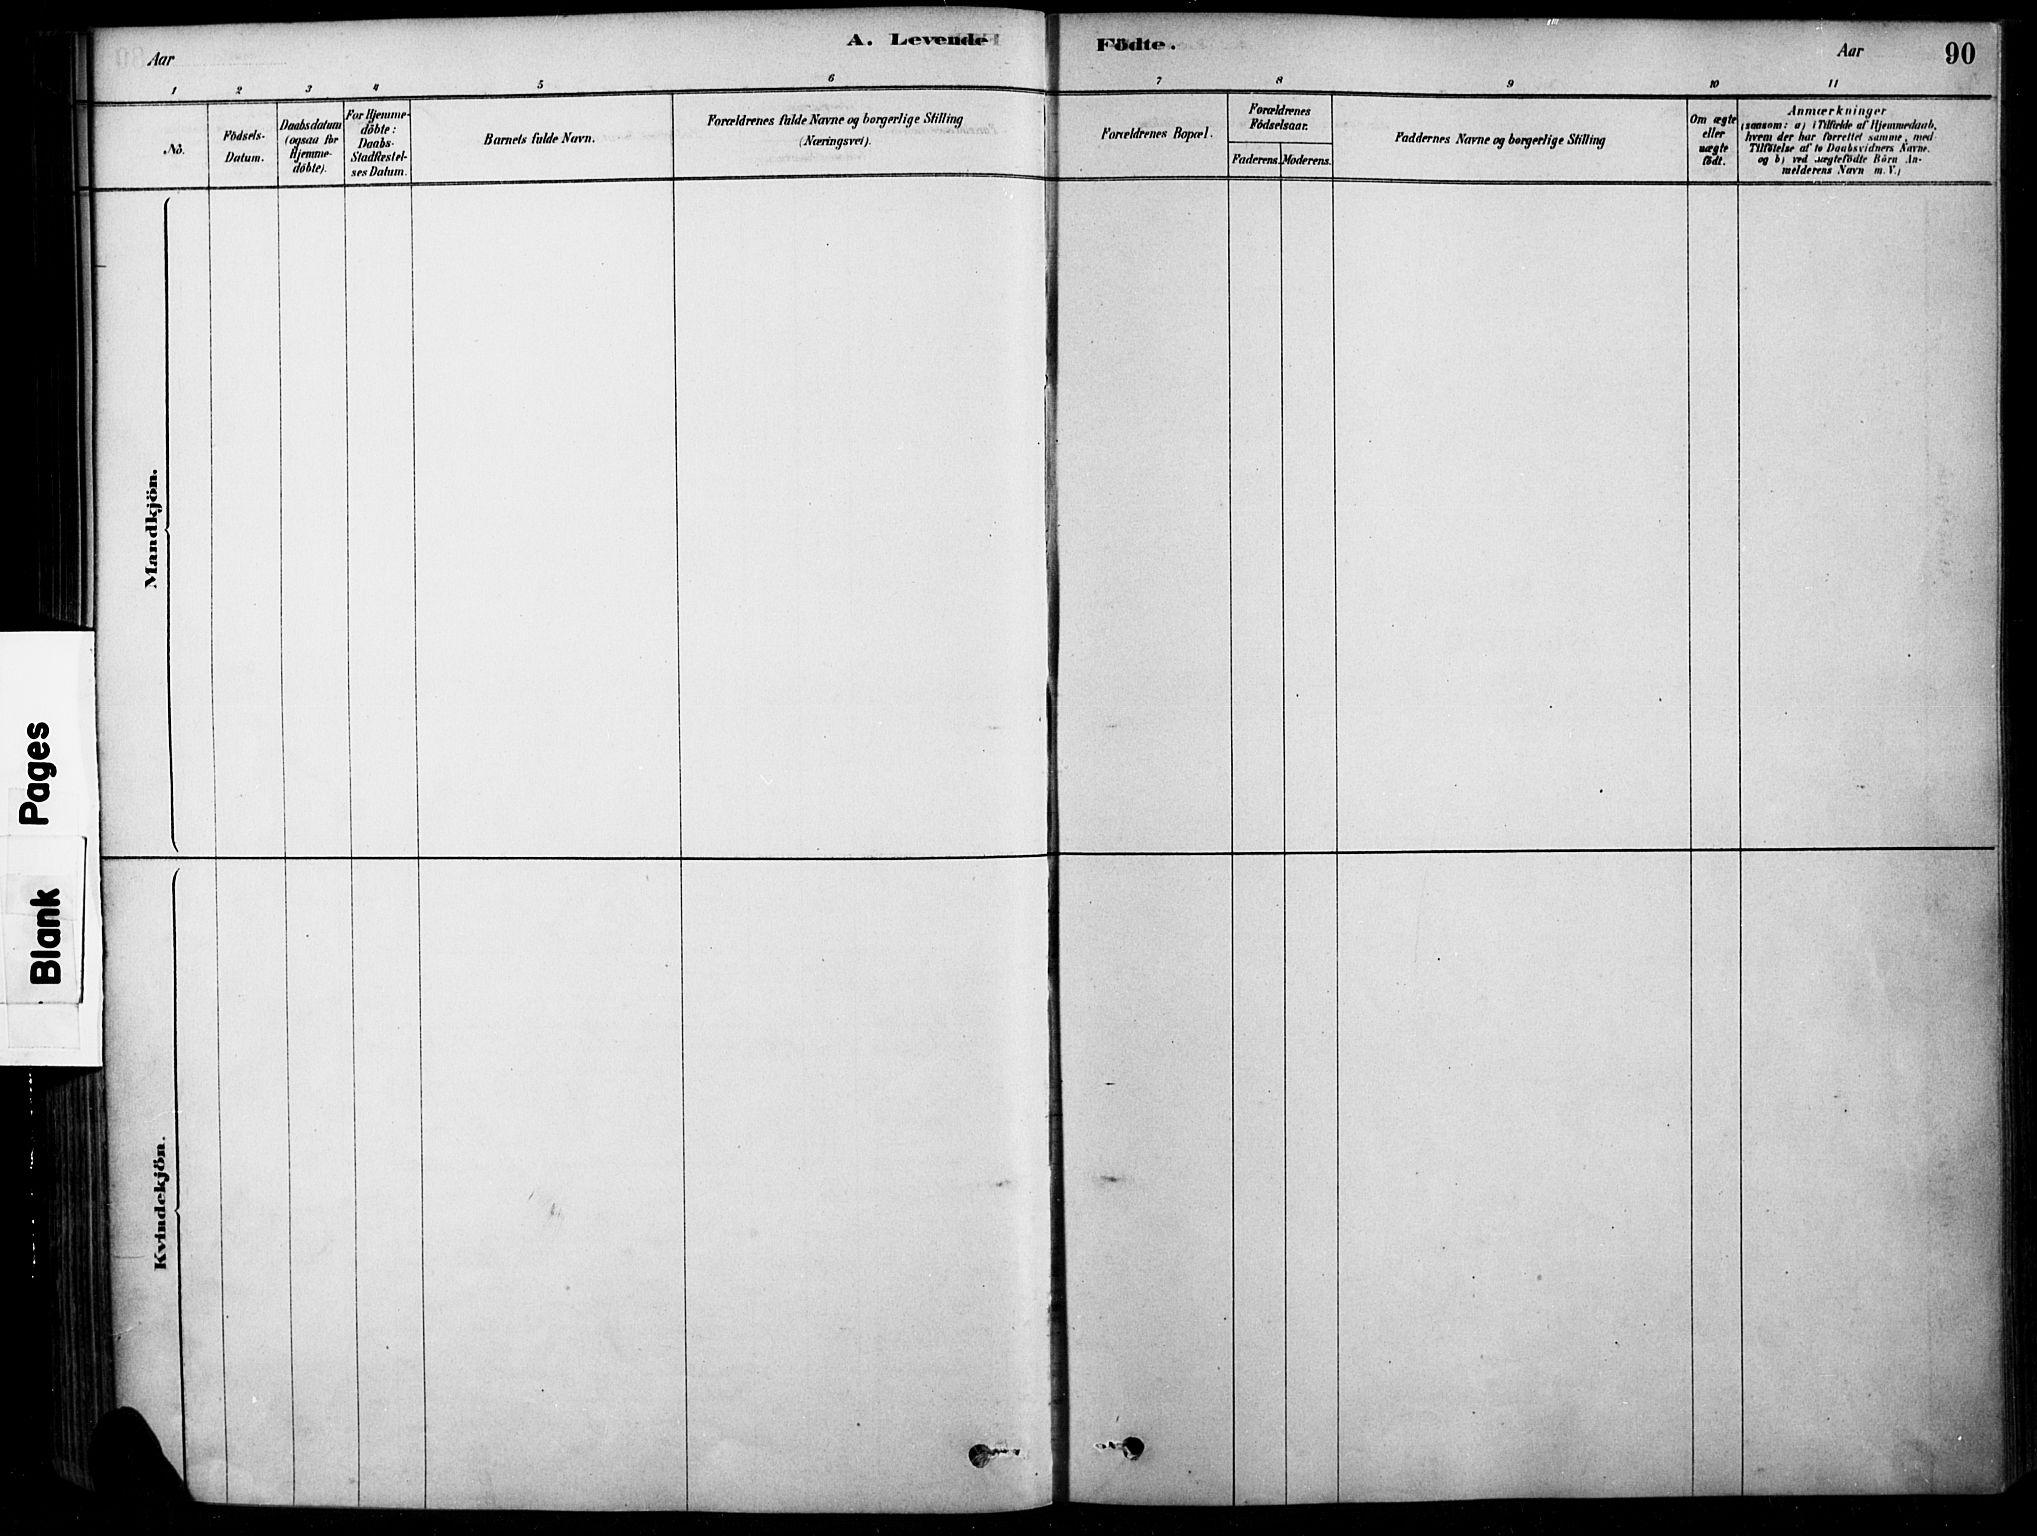 SAH, Søndre Land prestekontor, K/L0003: Ministerialbok nr. 3, 1878-1894, s. 90